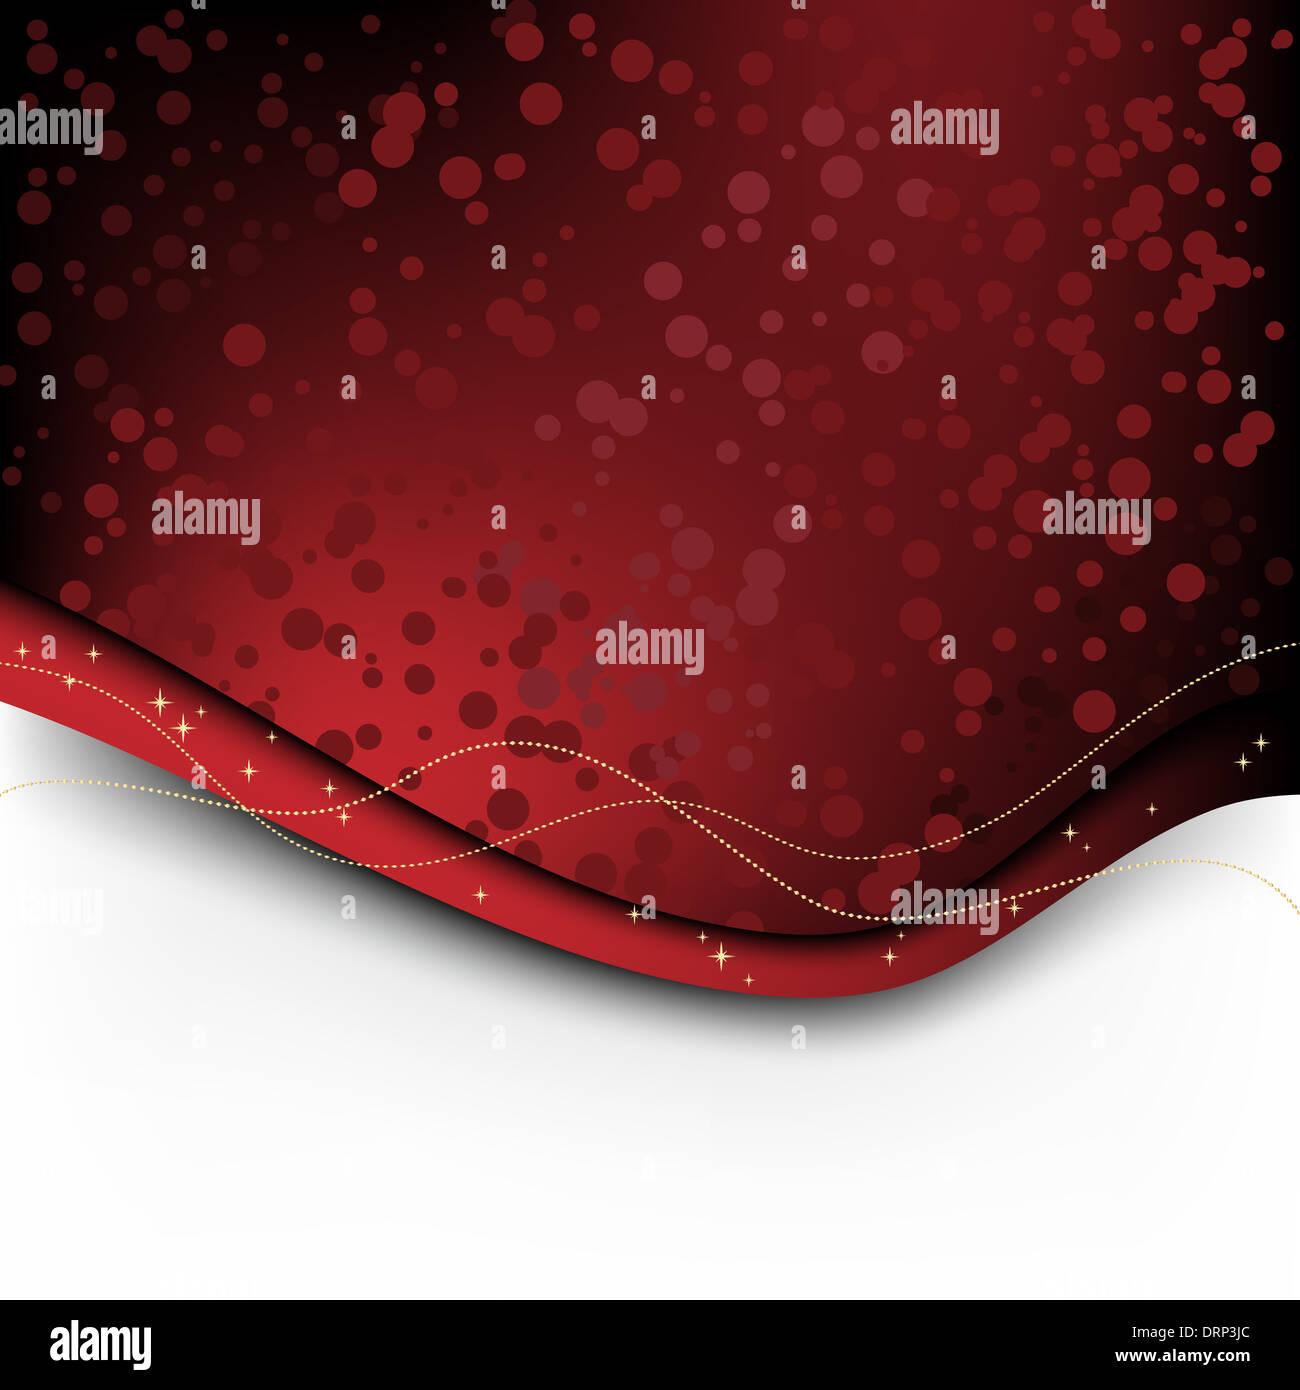 Christmas backdrop - Stock Image